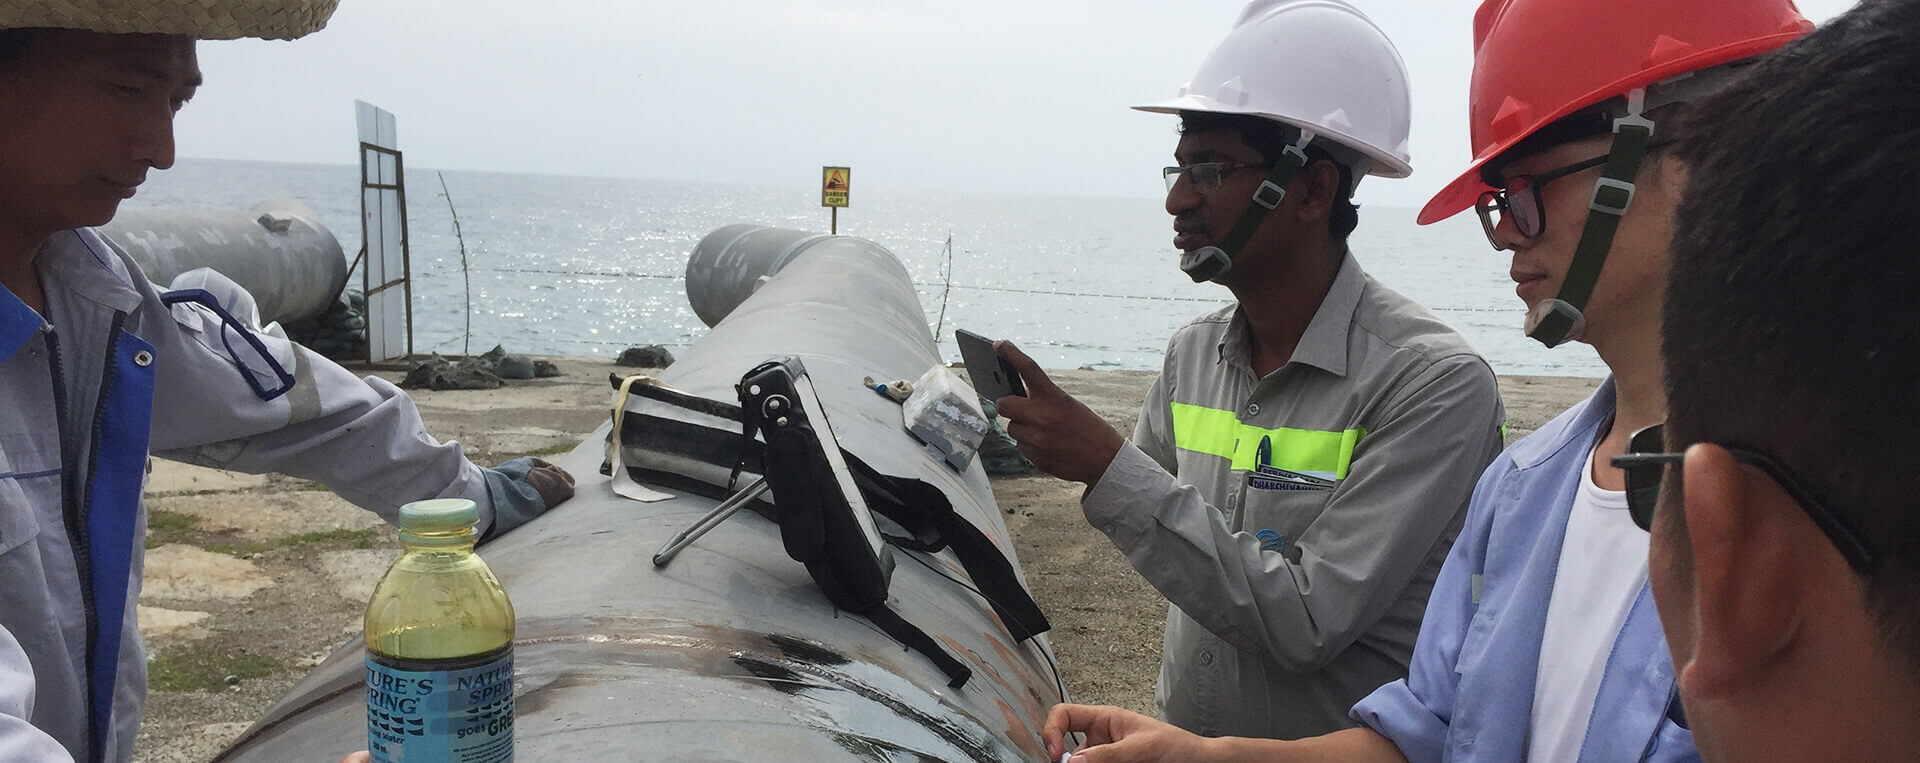 海底管线登陆安装